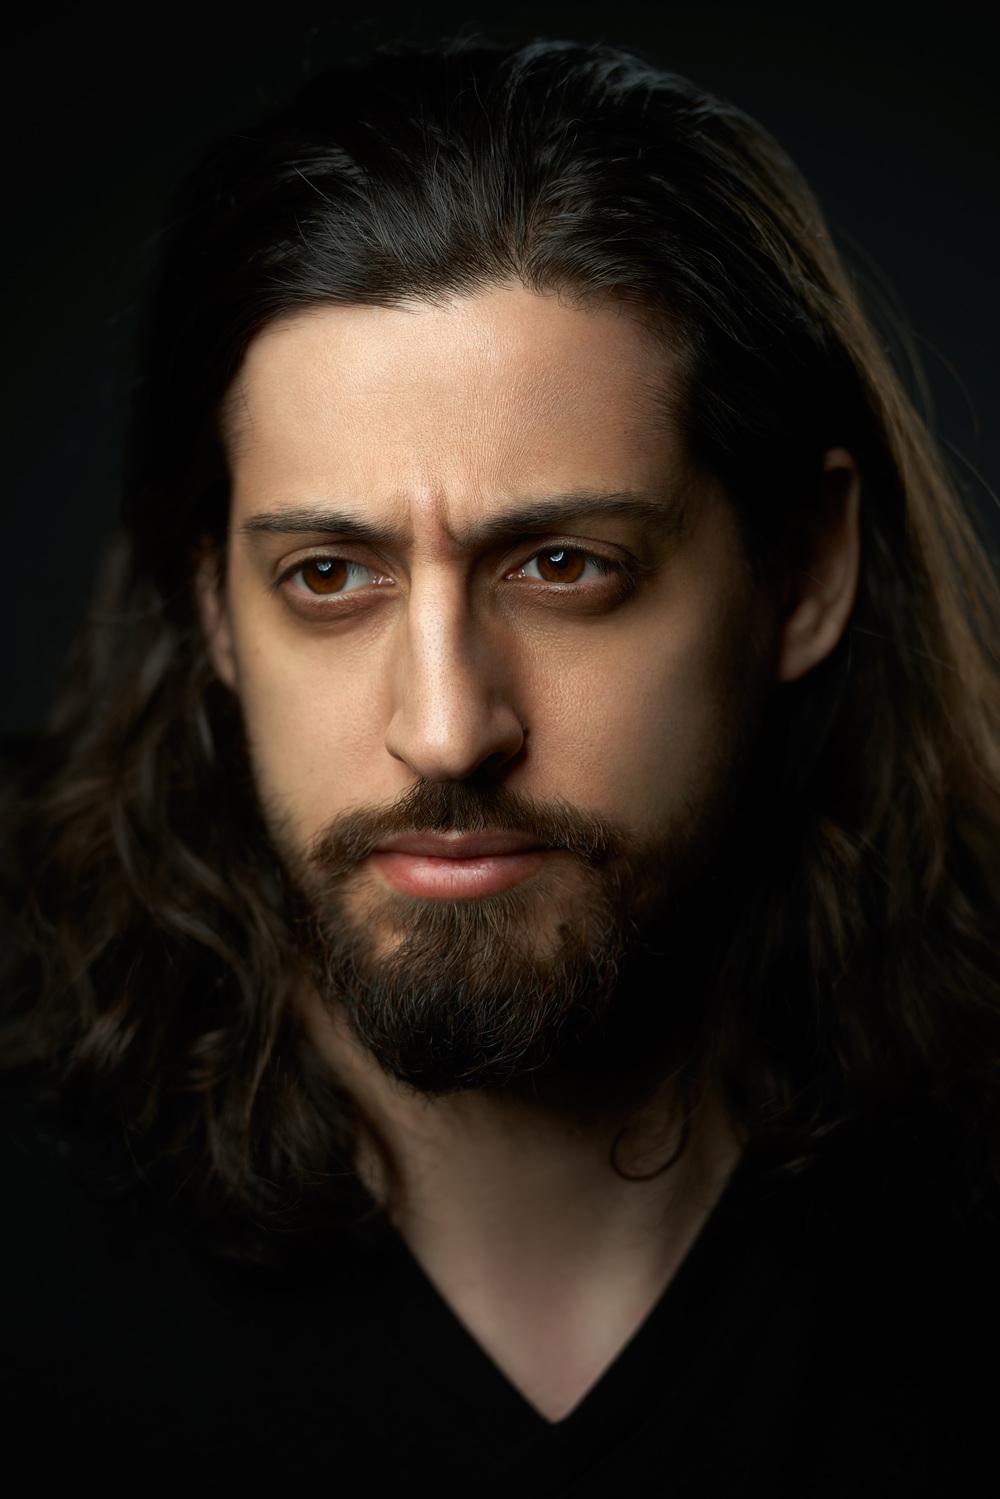 David Genik